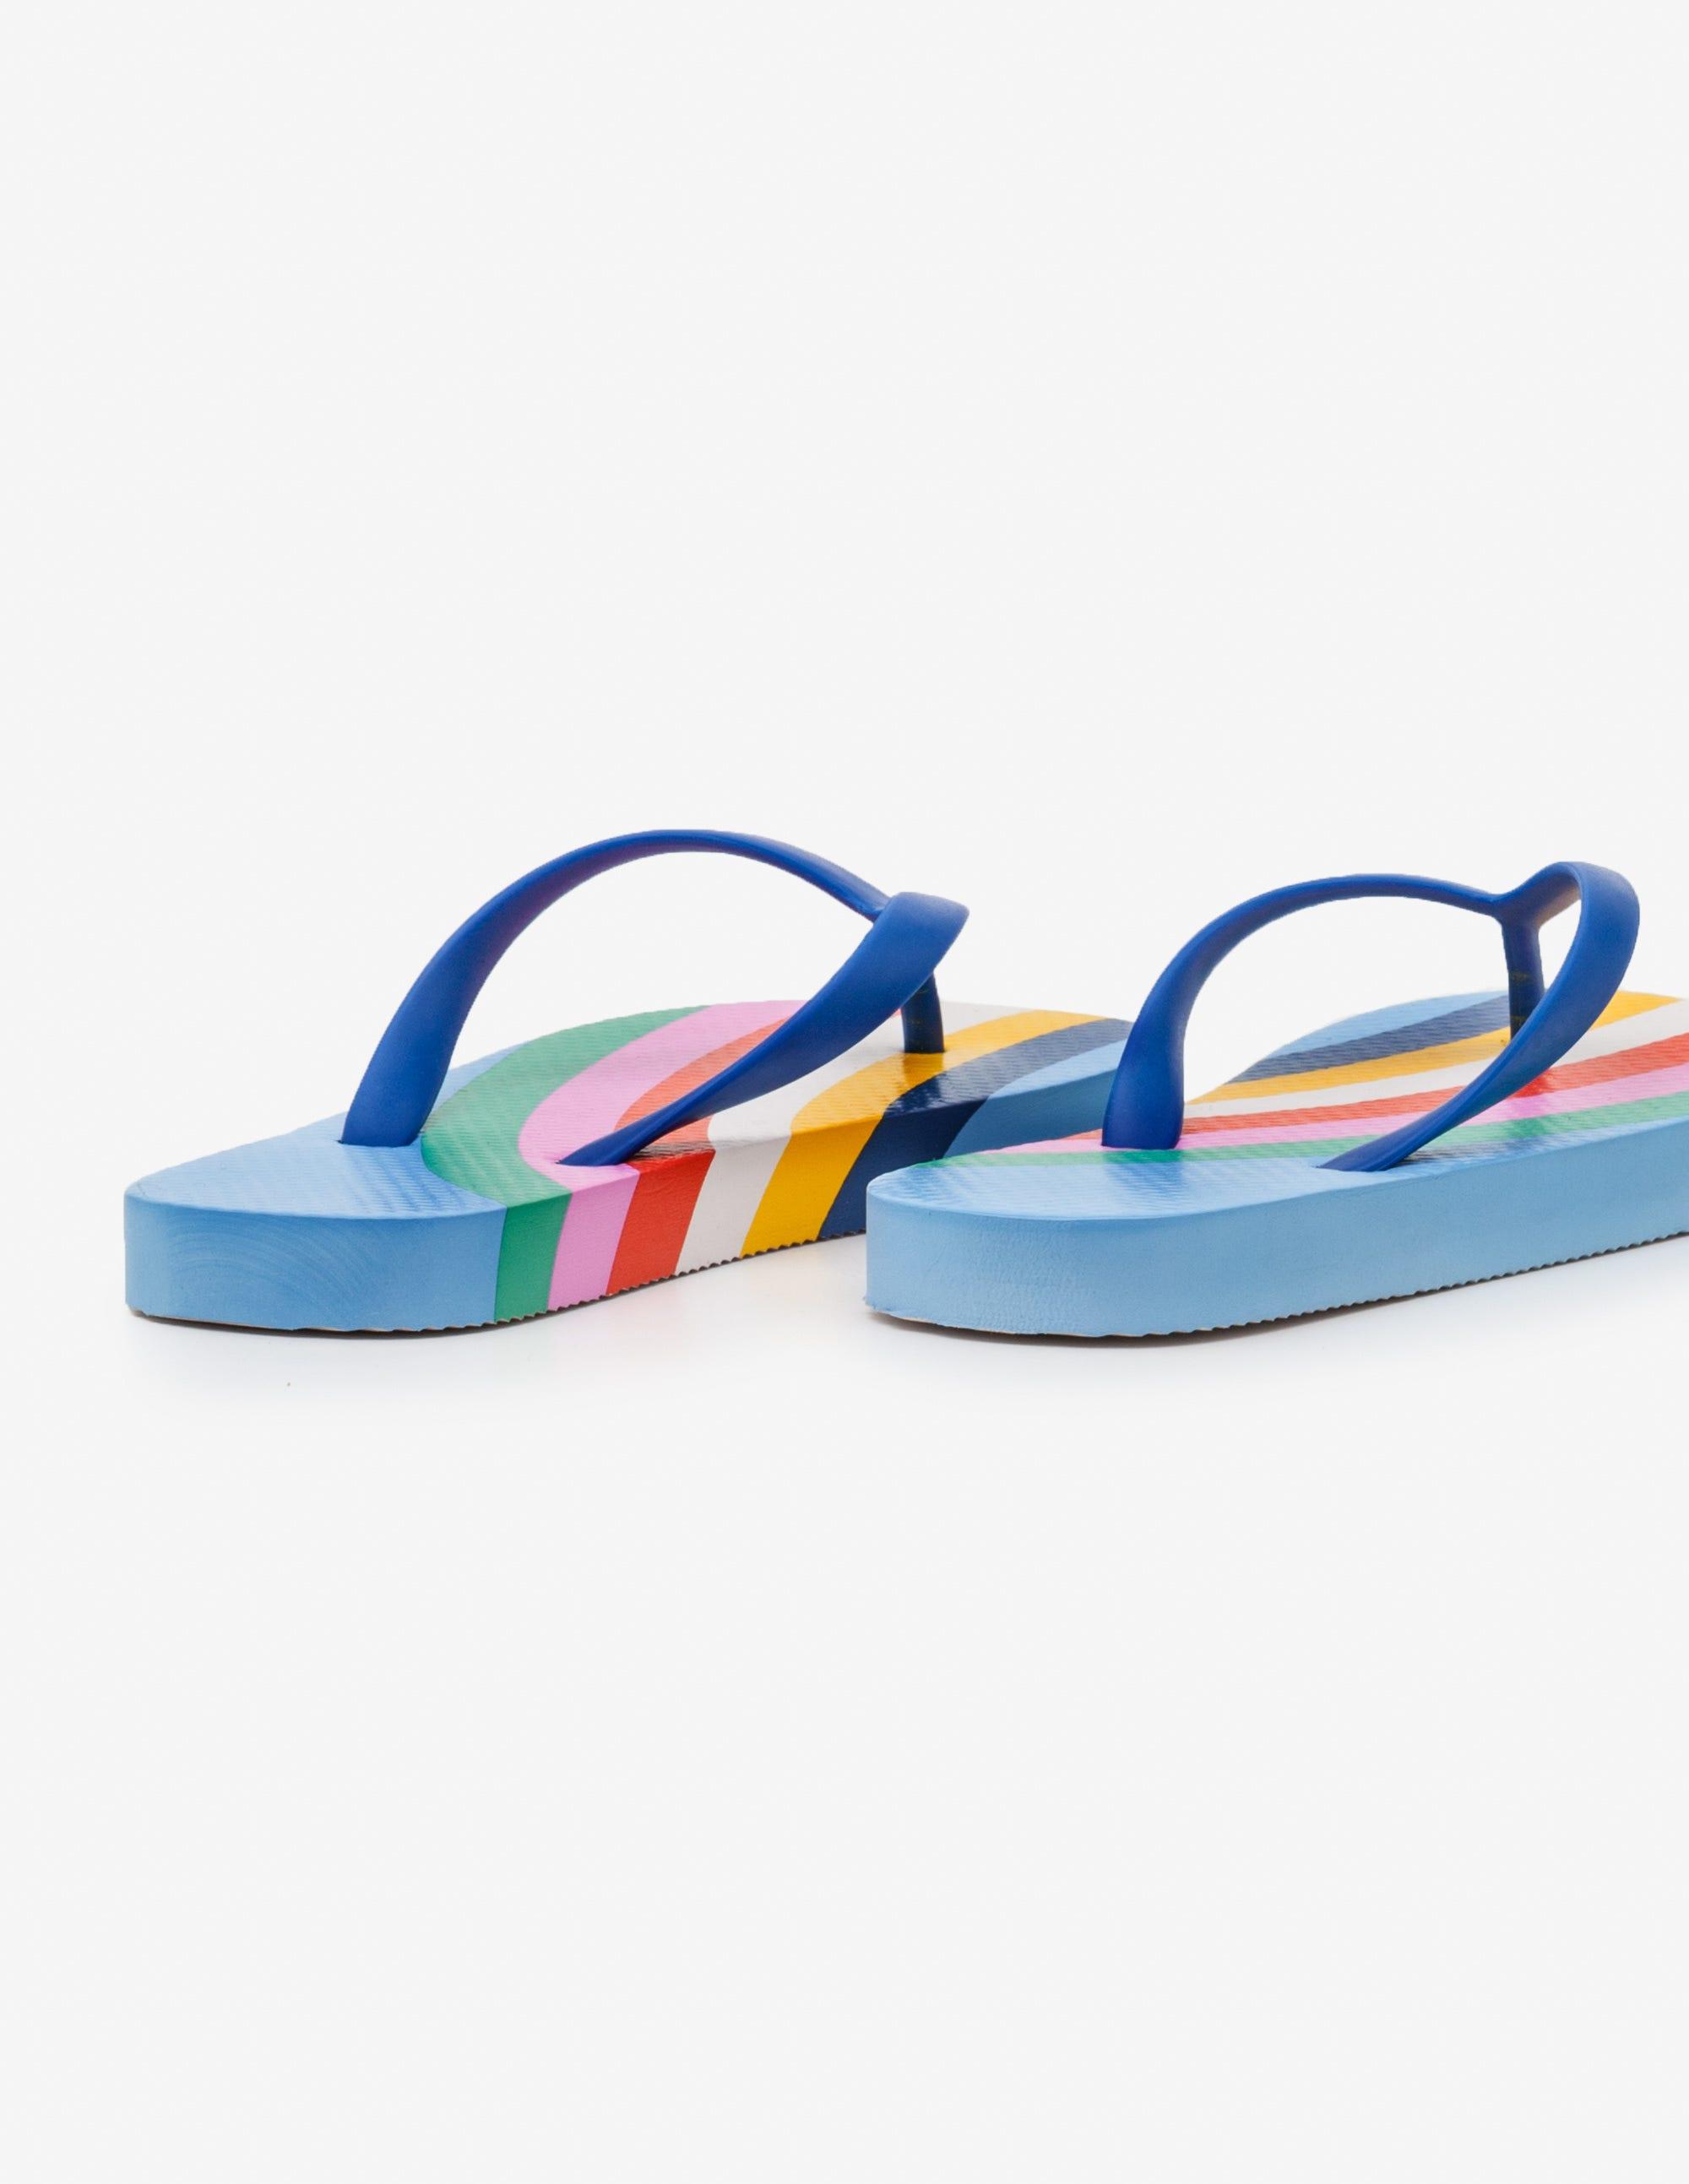 c11ab2e10 Printed Flip-Flops - Duke Blue